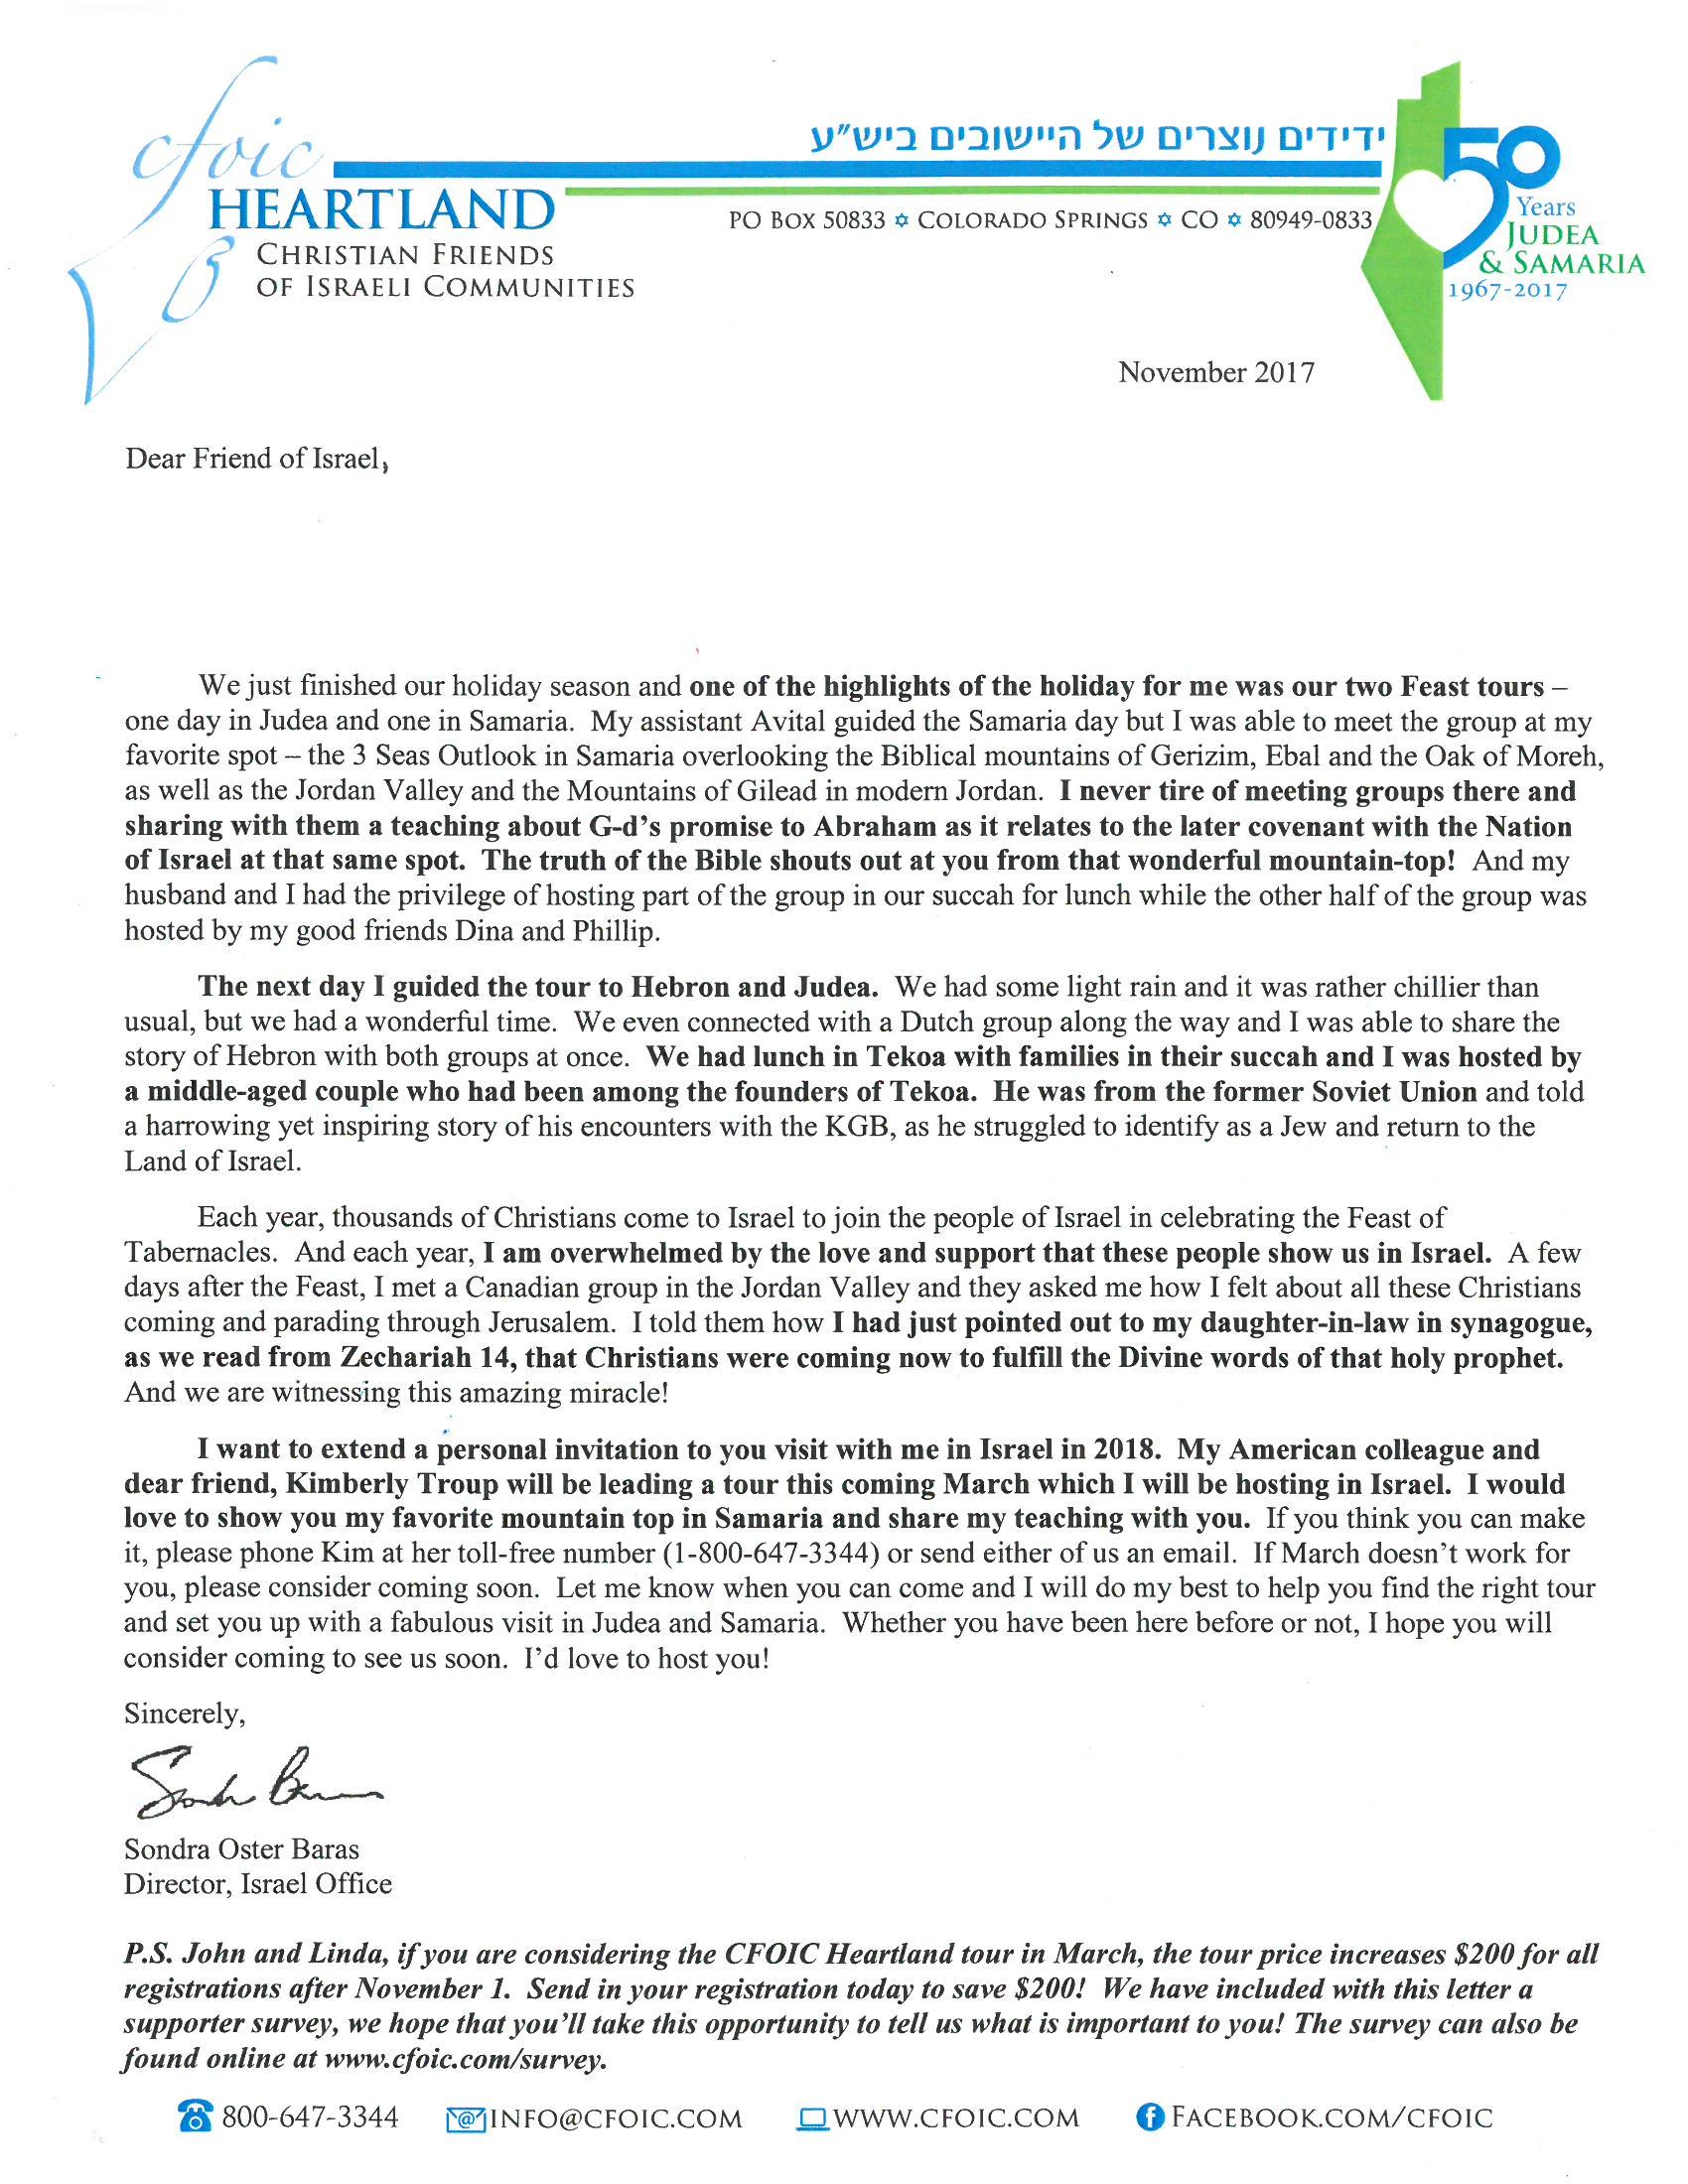 Sondra's November letter